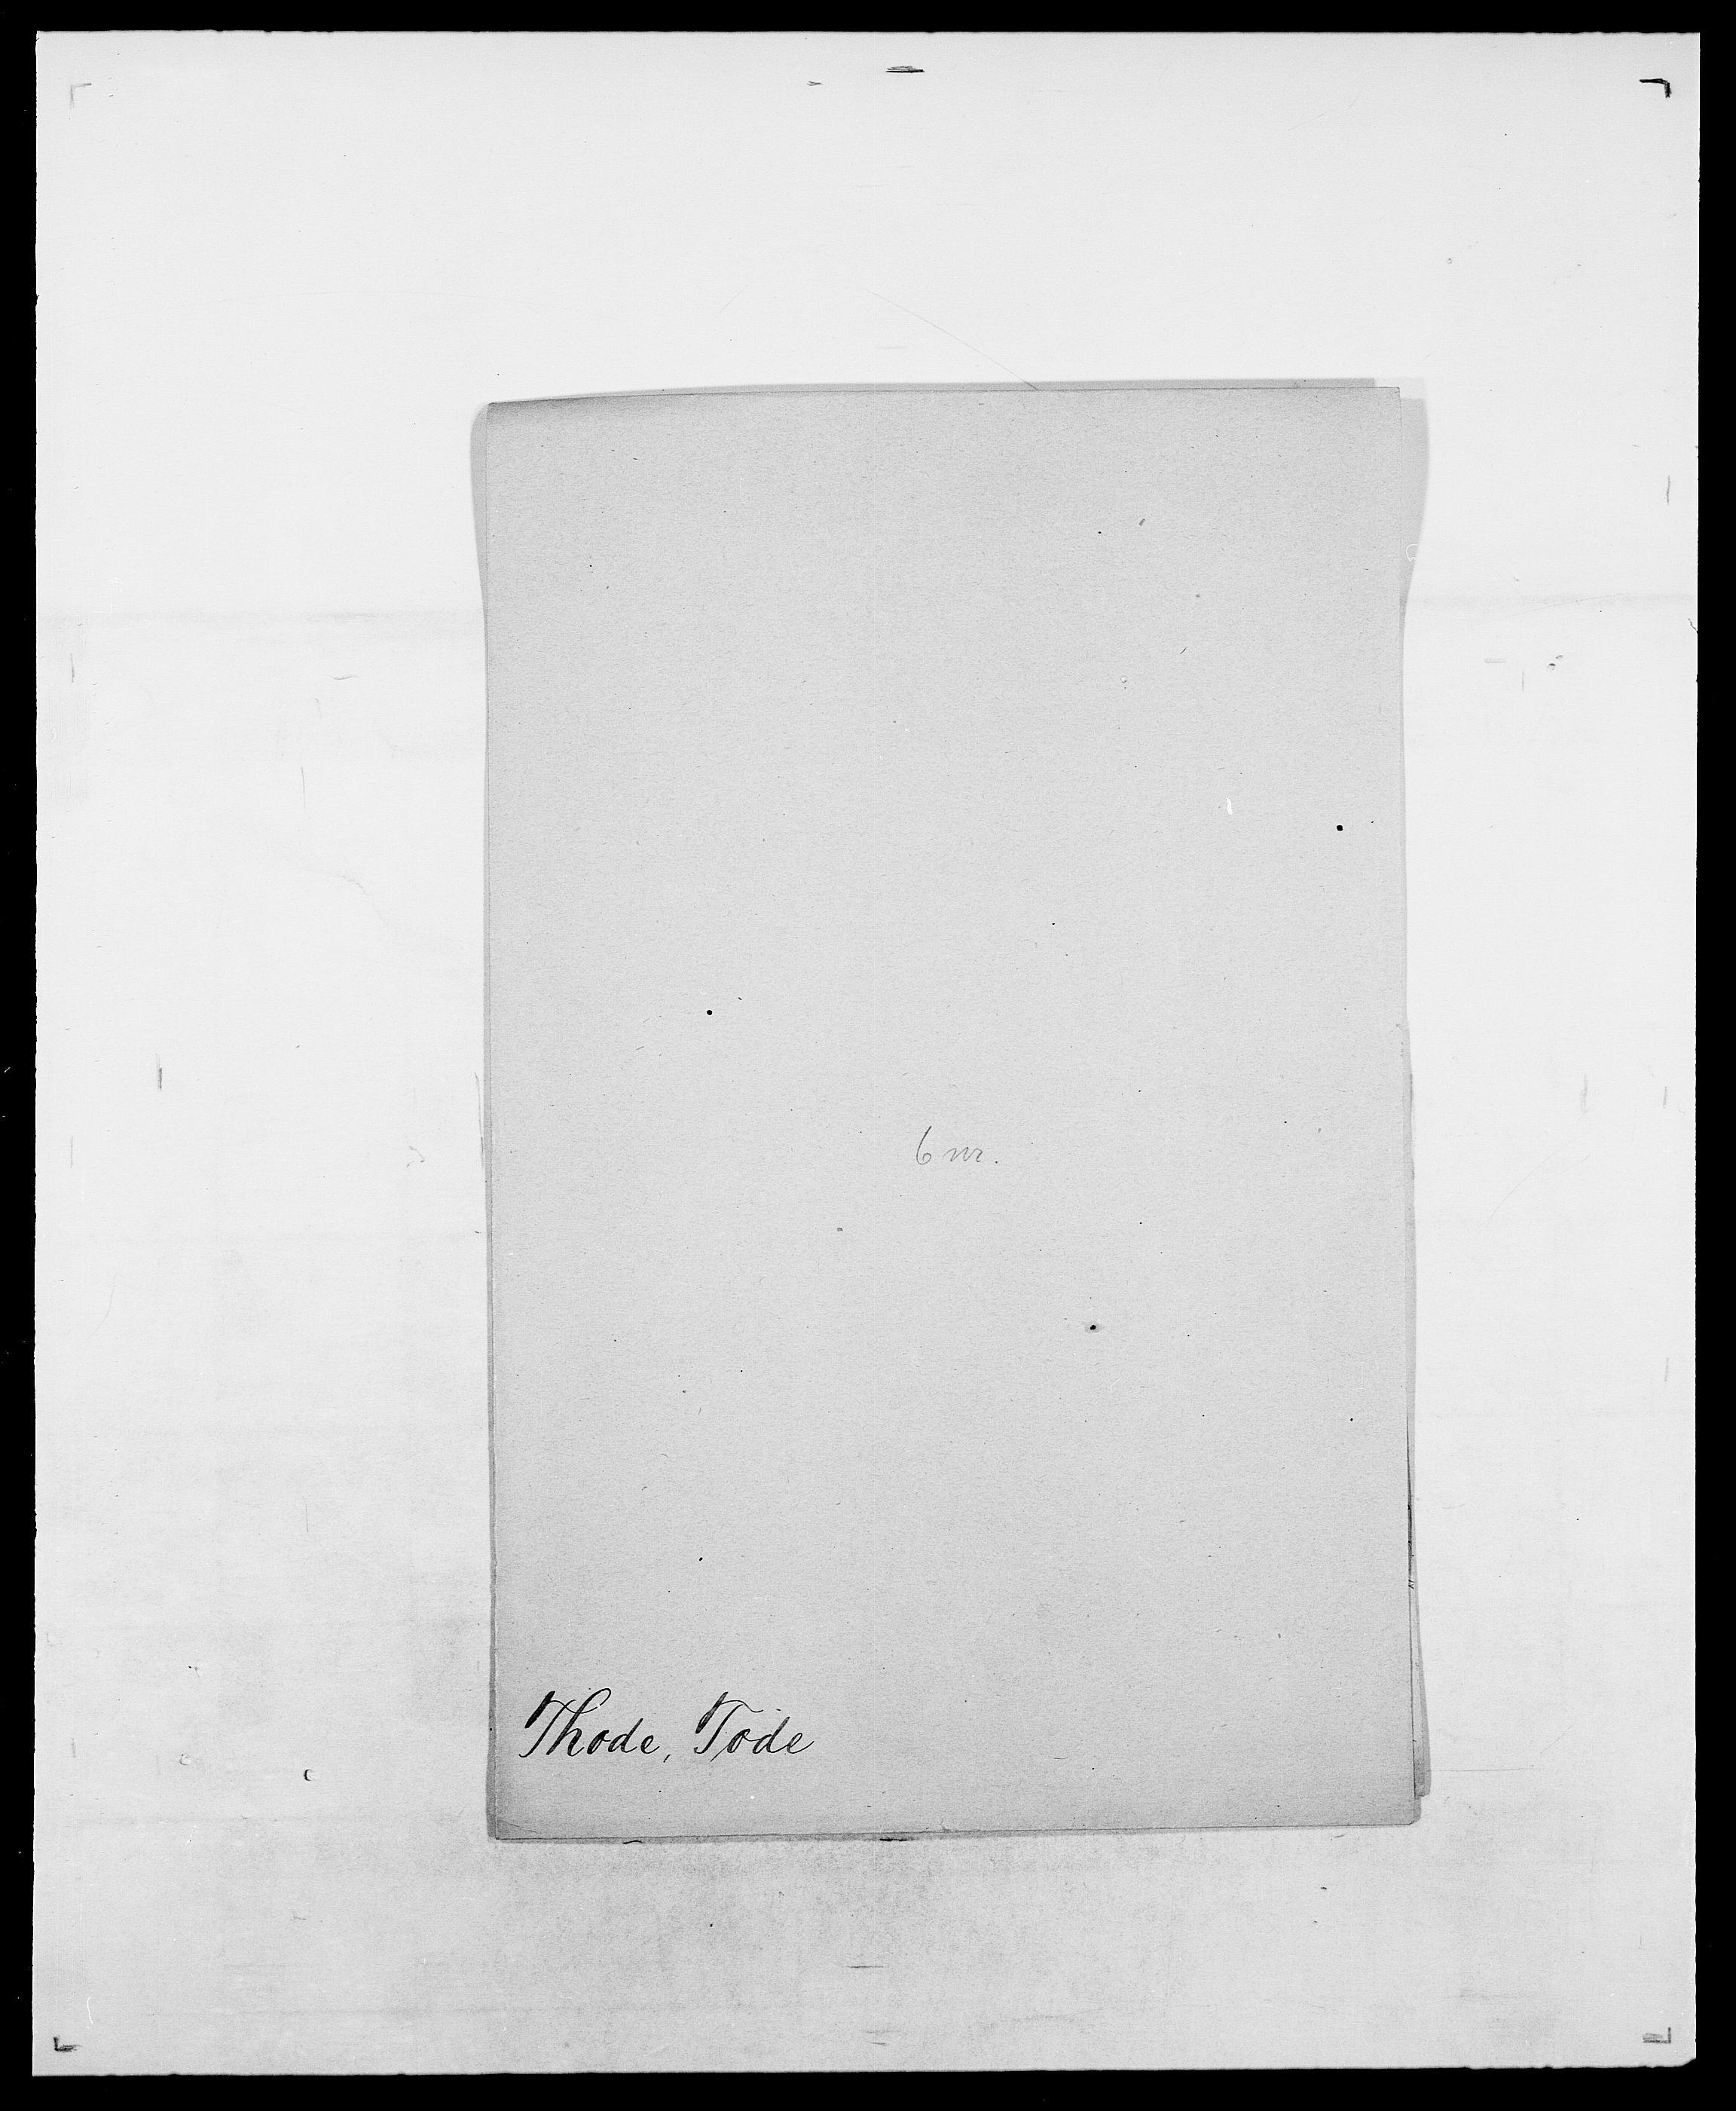 SAO, Delgobe, Charles Antoine - samling, D/Da/L0038: Svanenskjold - Thornsohn, s. 748